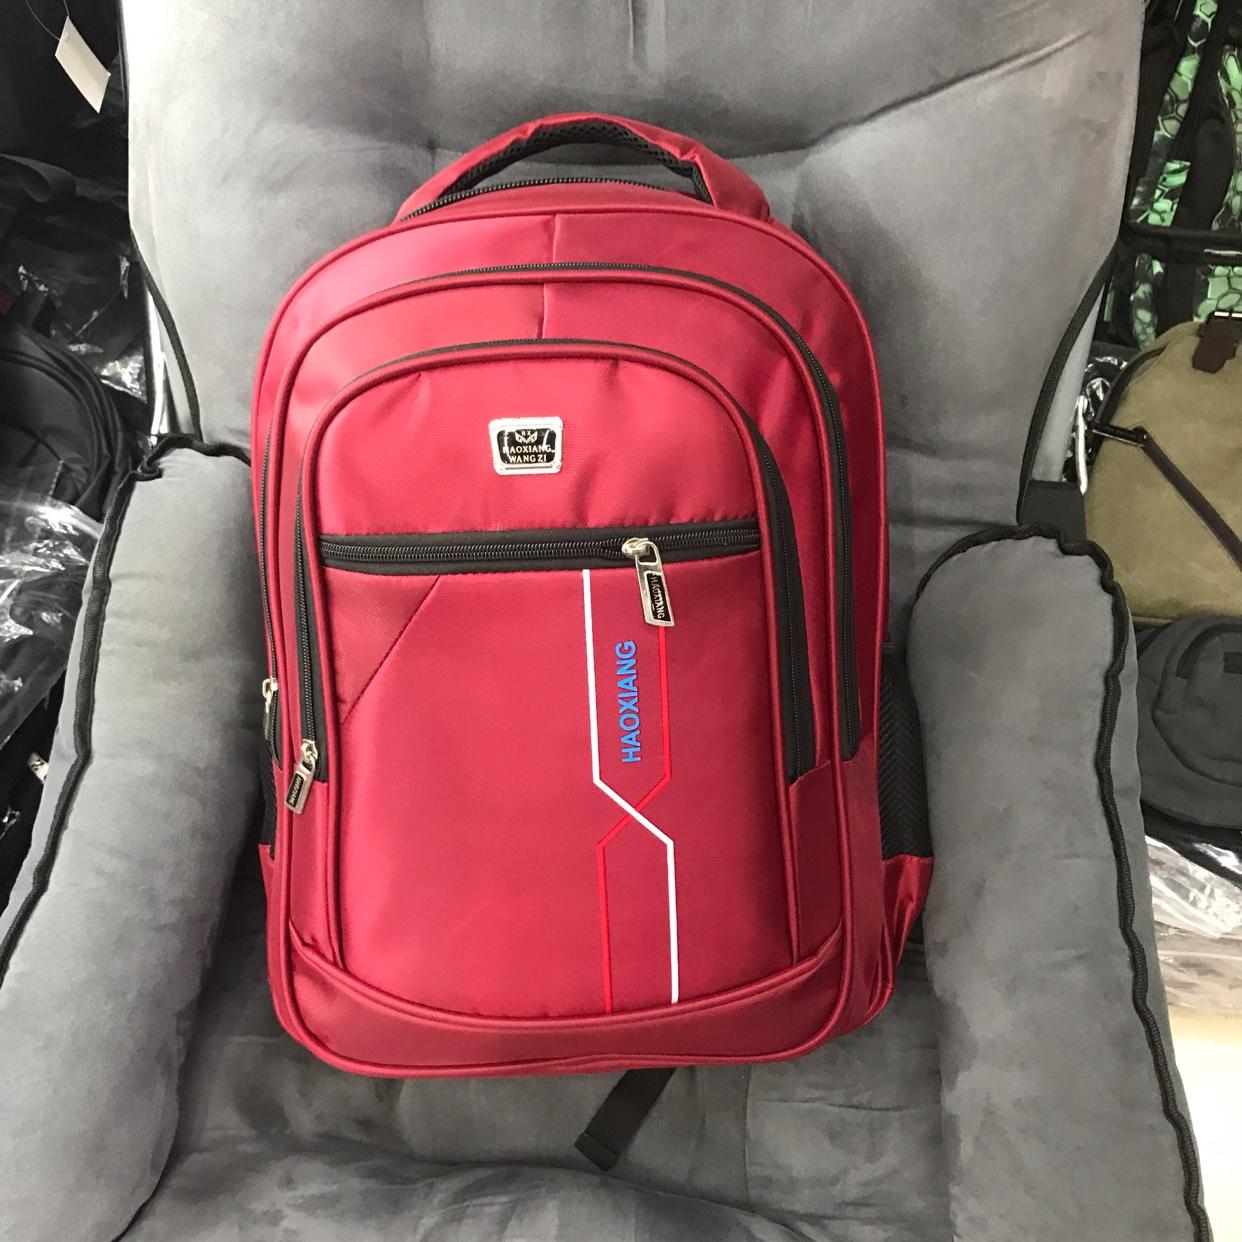 新款旅行商务男士双肩包韩版潮流简约电脑包休闲女旅行背包中学生书包时尚1